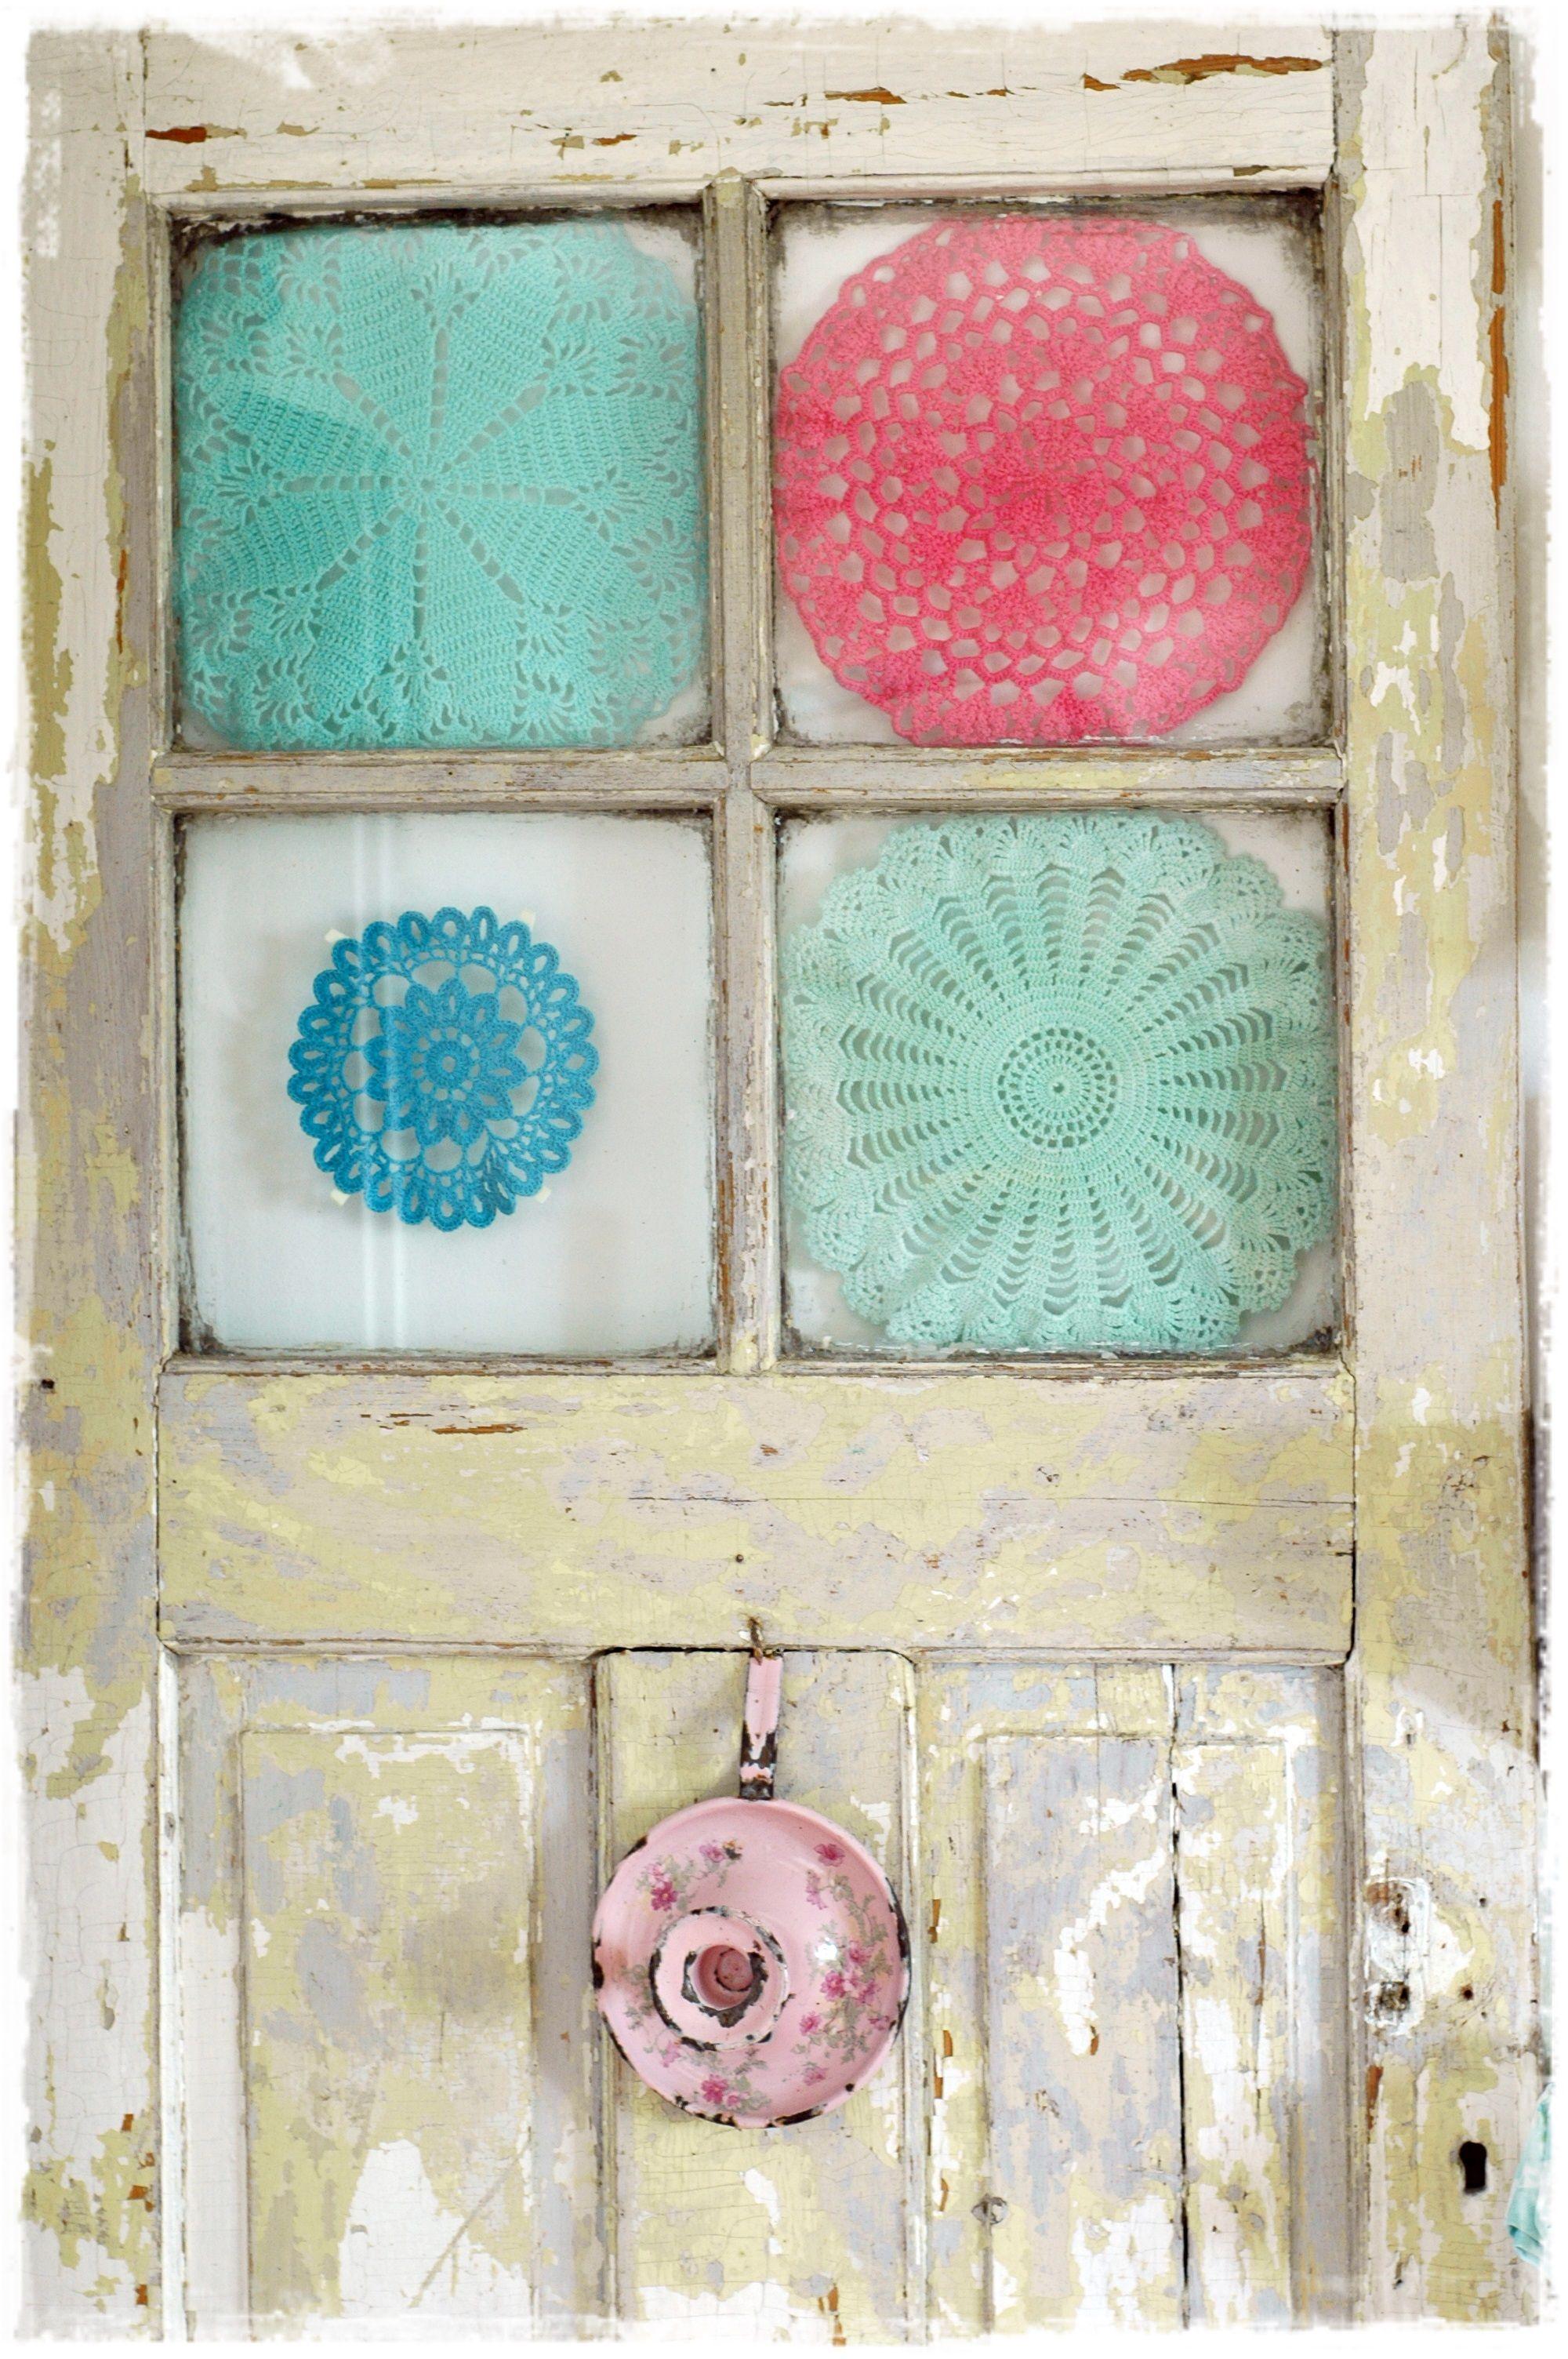 Old crochet doily in an old door talleres bordar vigo reciclar